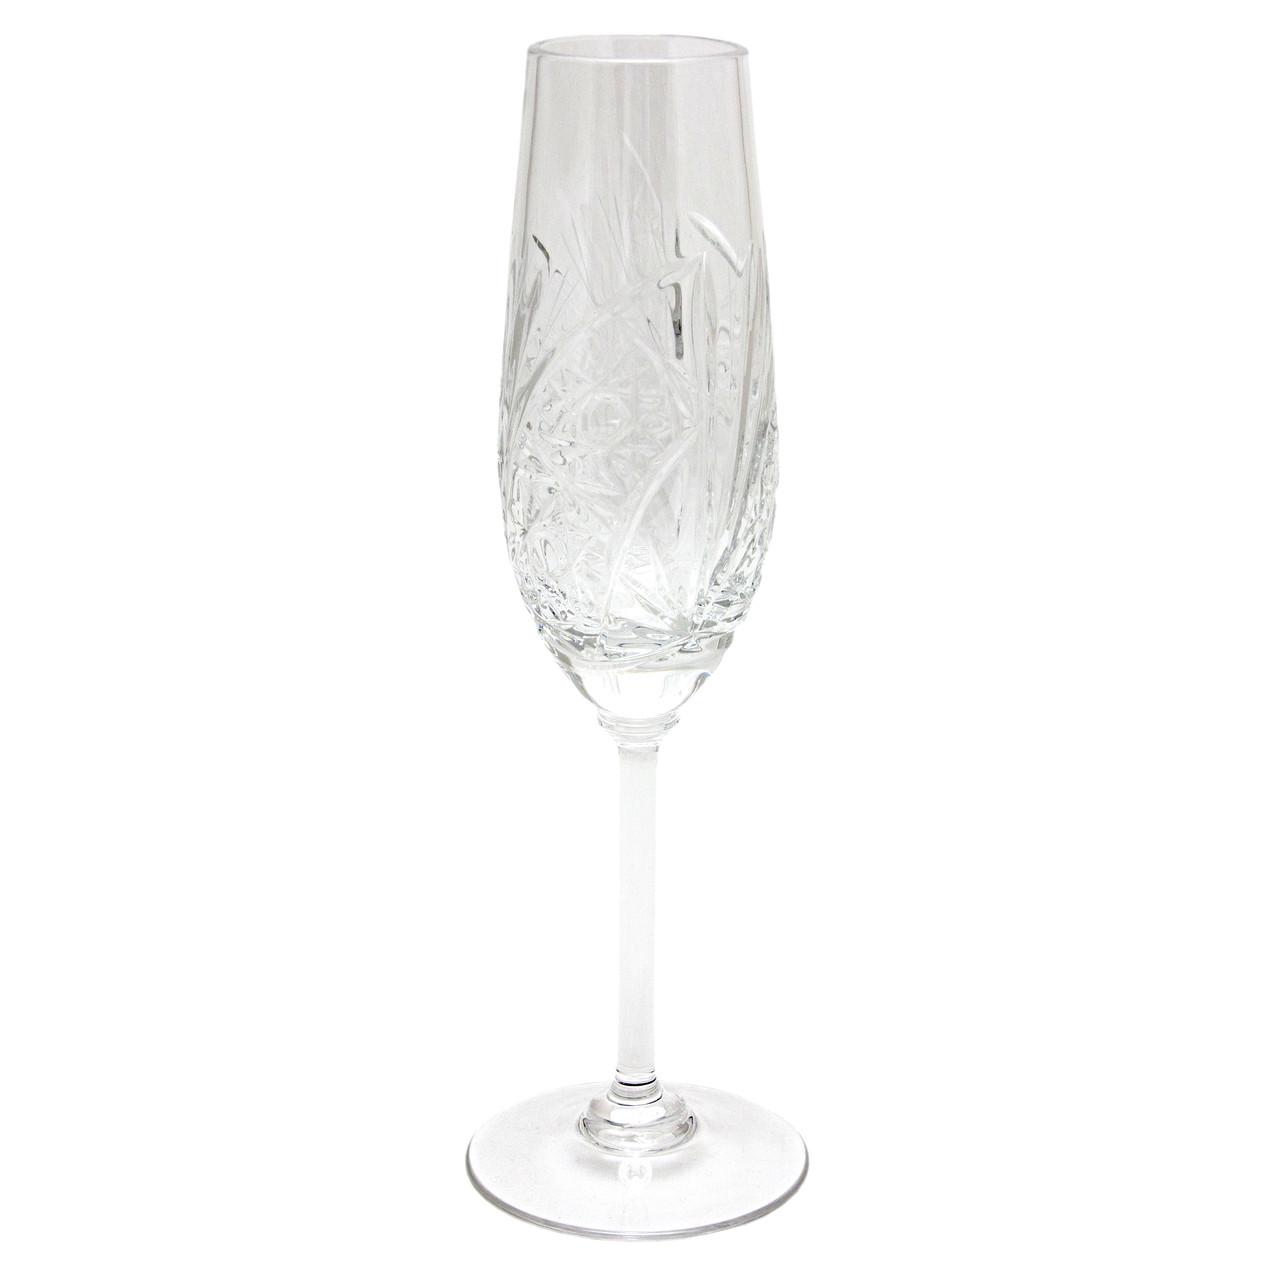 Хрустальный бокал для шампанского, узор - геометрический рисунок, объем - 160 мл, высота - 22,5 см (8560/2-2)